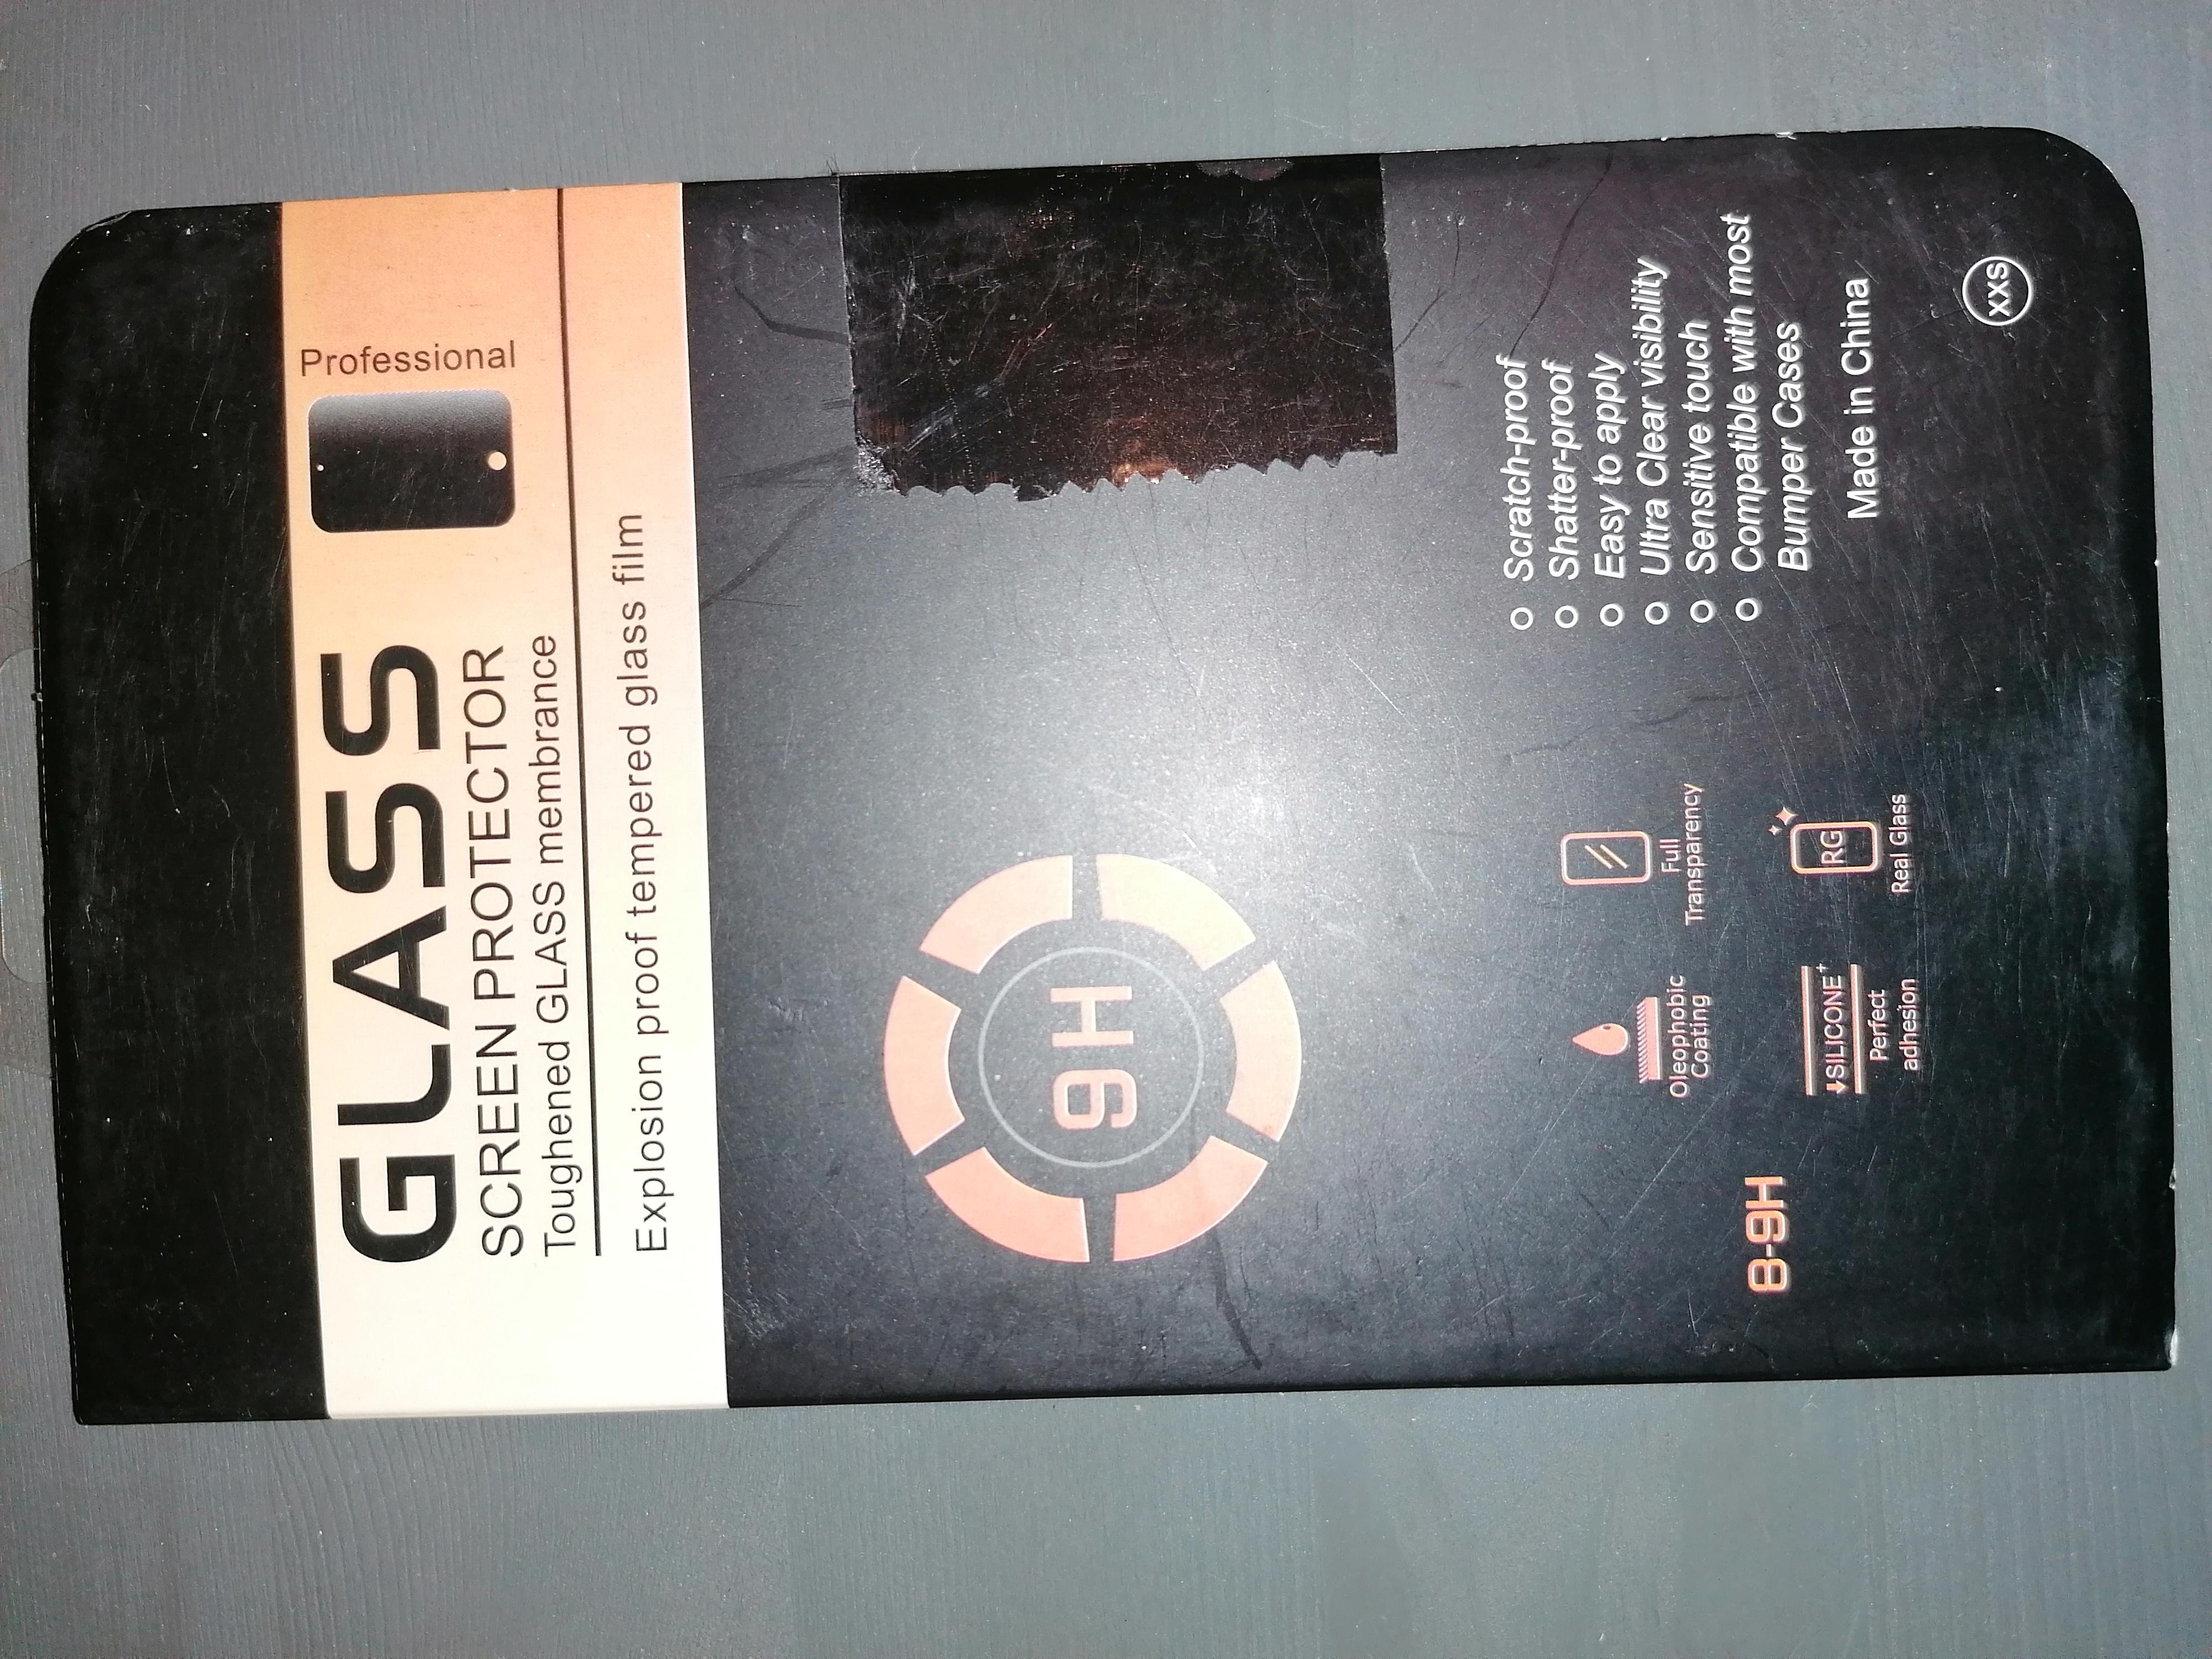 Glas Samsung Galaxy A3 tauschen